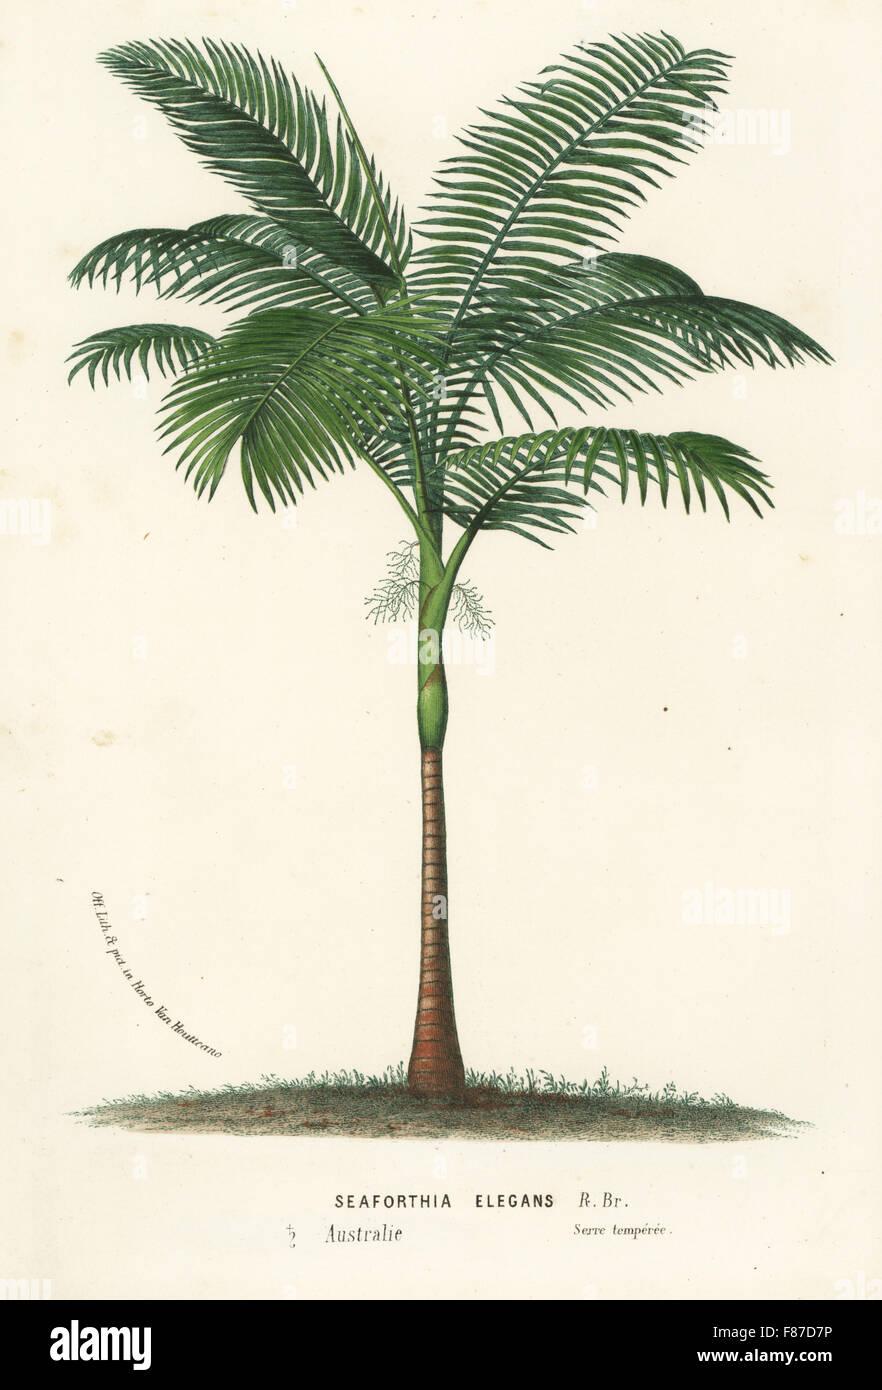 Solitaire ou Palm, Palm Alexander Ptychosperma elegans elegans (Seaforthia). Lithographie coloriée de Louis Photo Stock